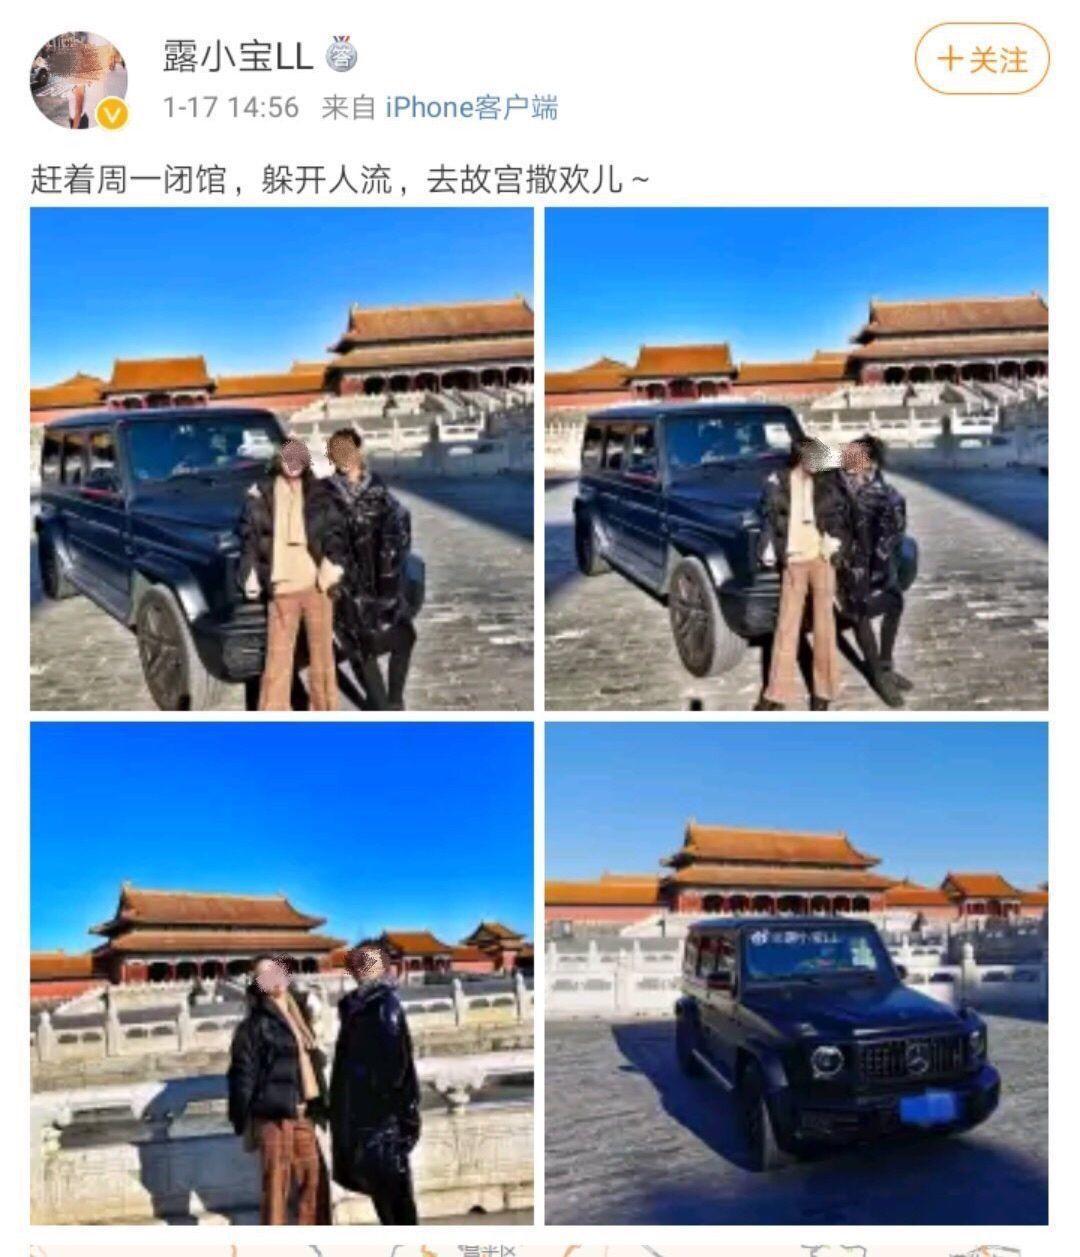 疑似国航乘务员晒开车进故宫照片国航:正在了解